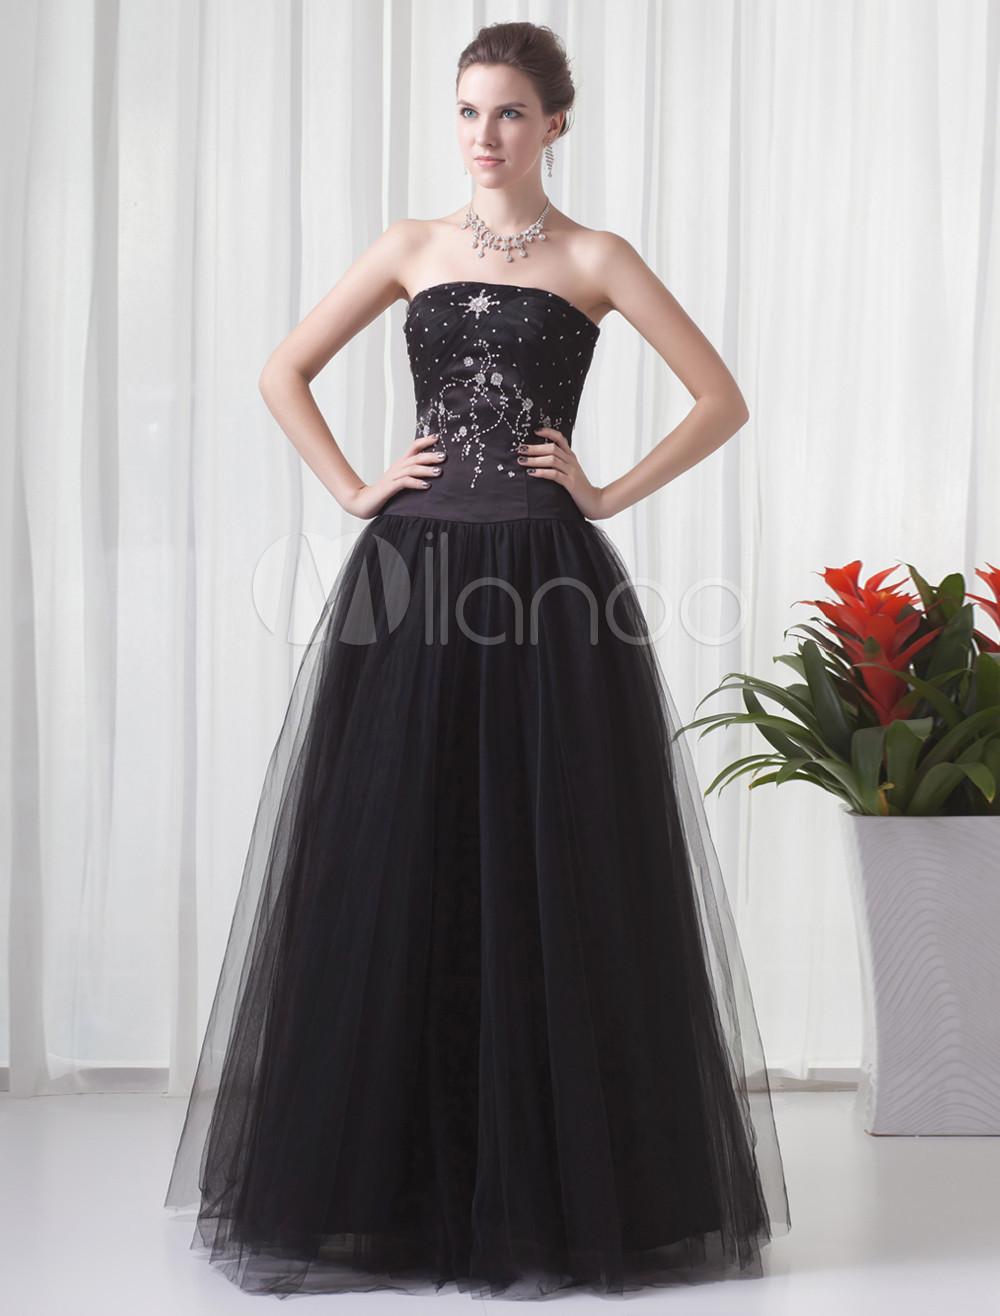 Ball Gown Black Net Beading Strapless Floor-Length Women's Prom Dress